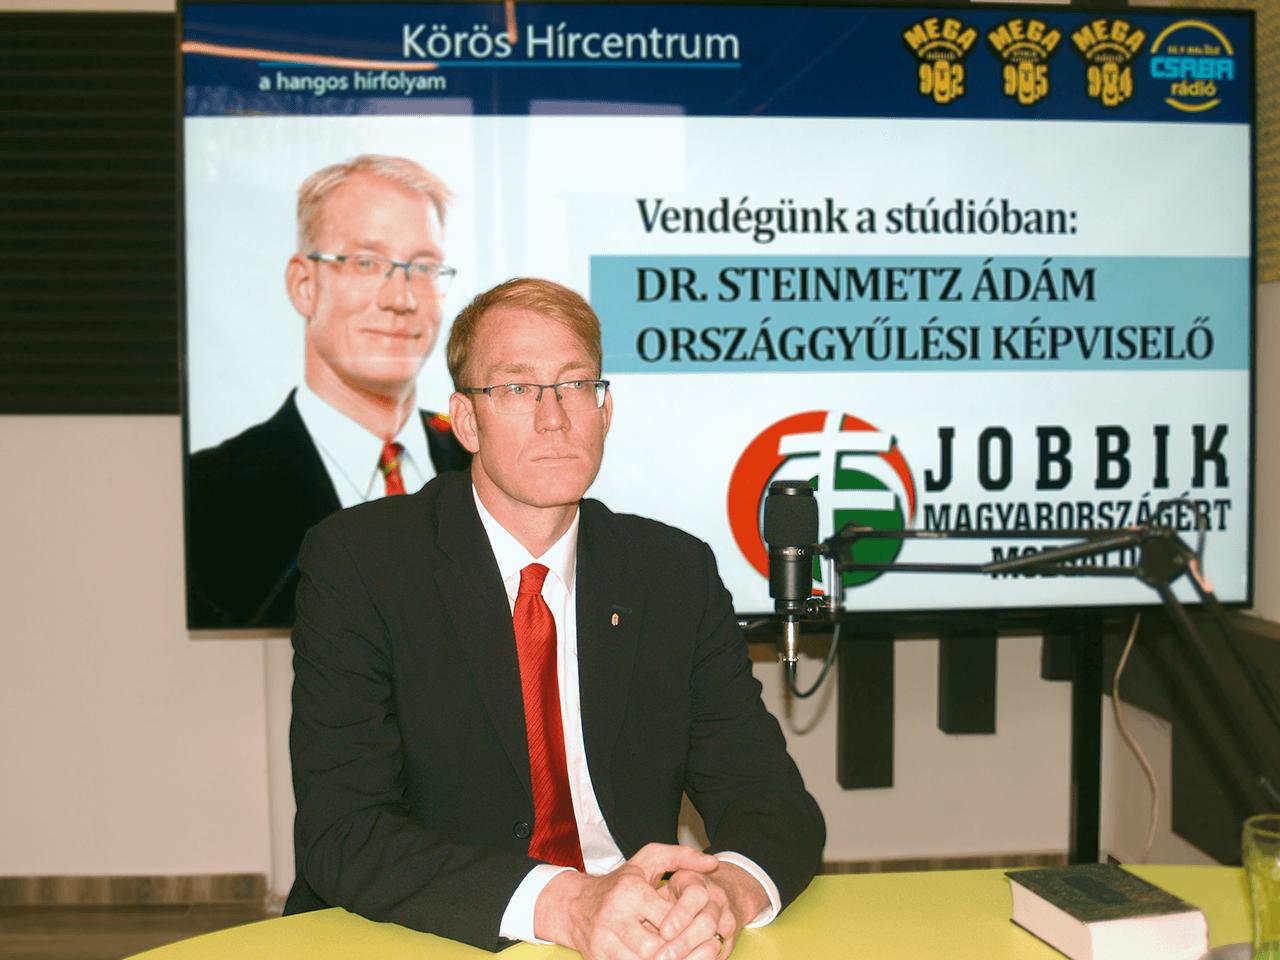 Dr. Steinmetz Ádám: valódi fejlesztésekre van szükség!